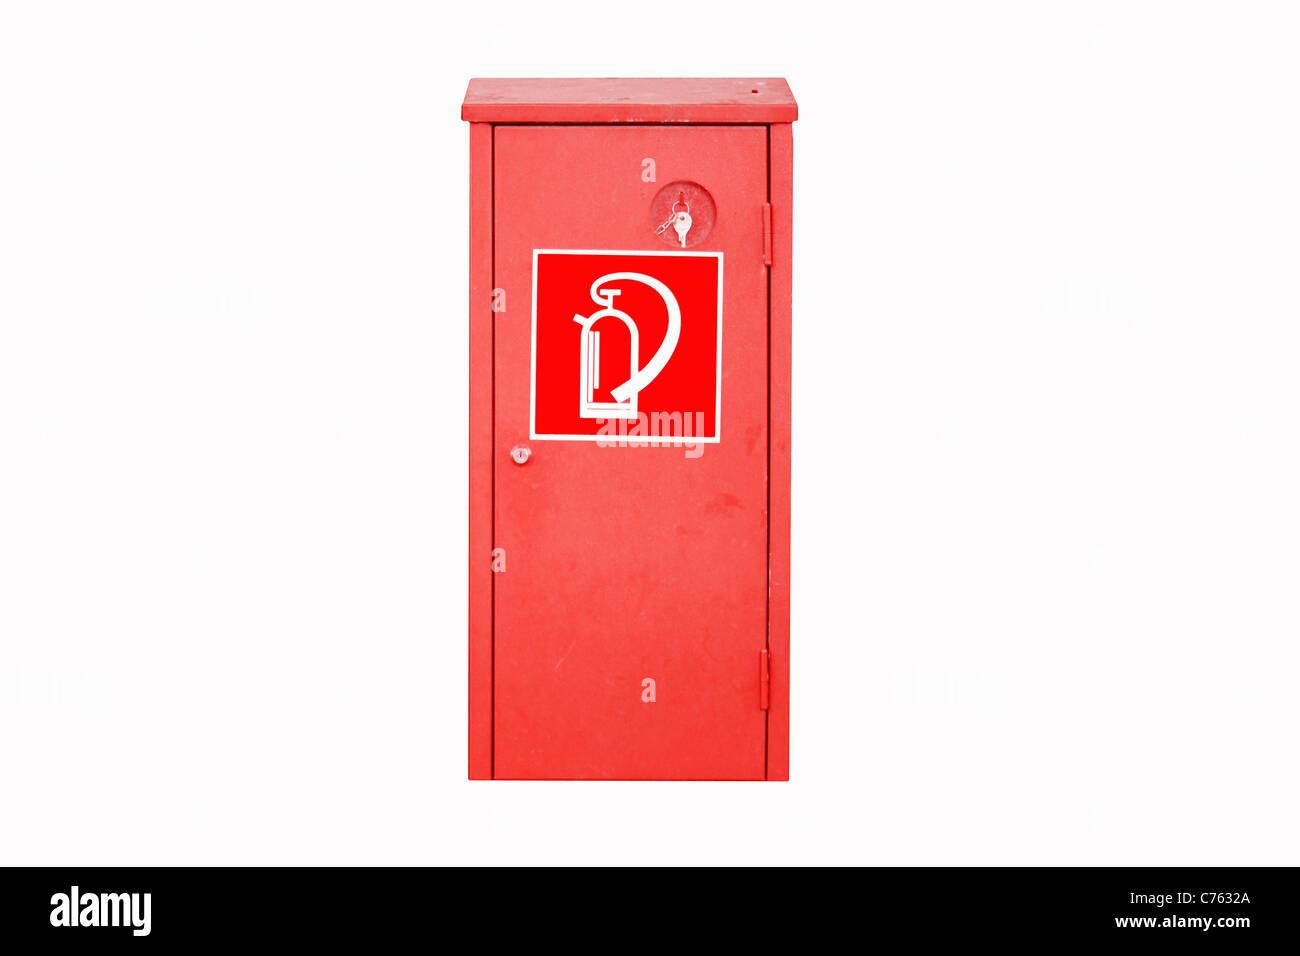 Extinguisher box isolated on white background - Stock Image